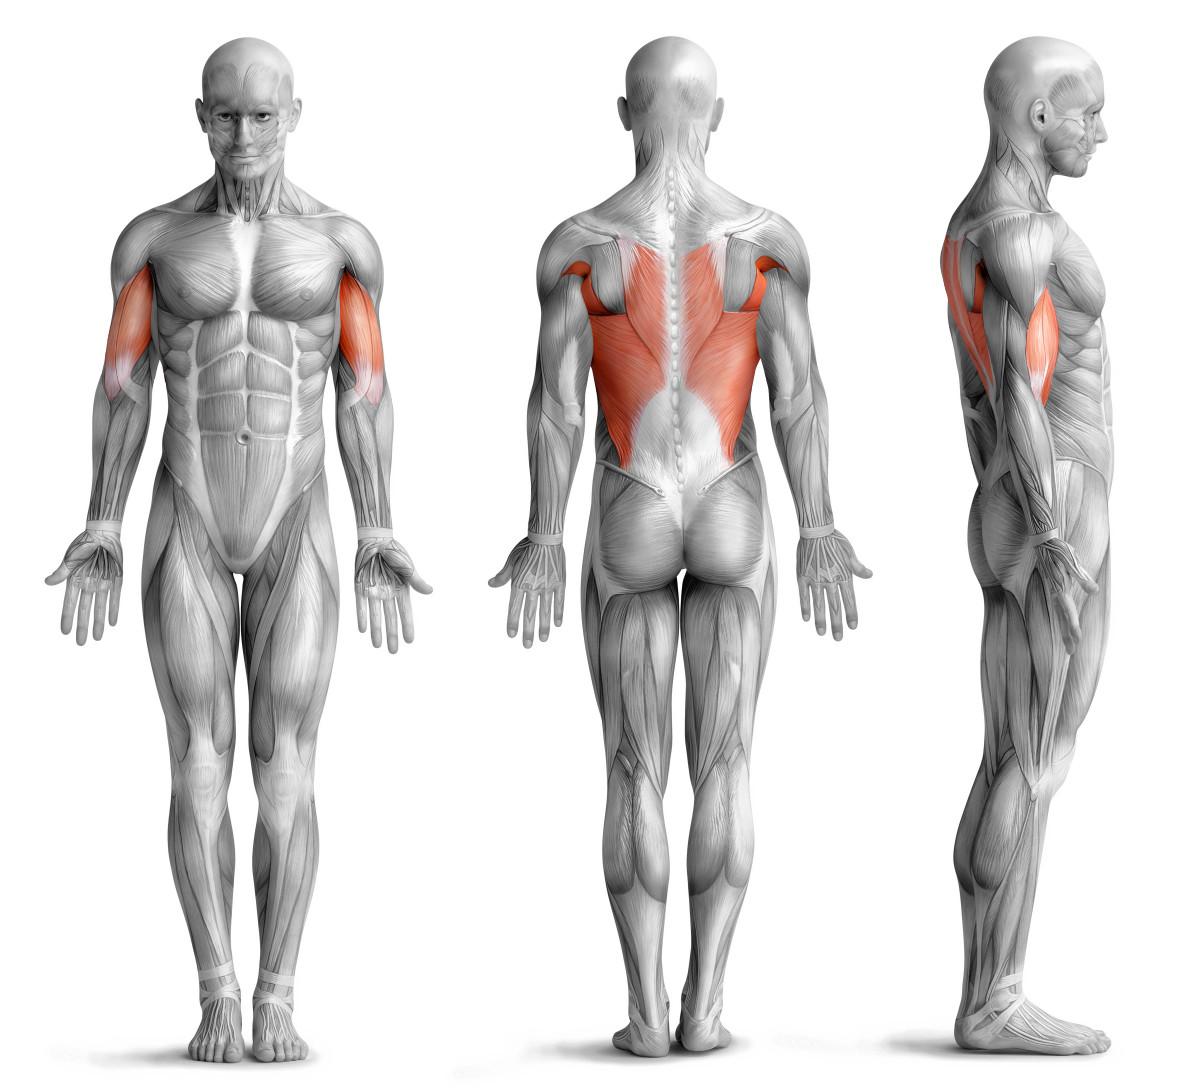 Klimmzüge beanspruchte Muskulatur